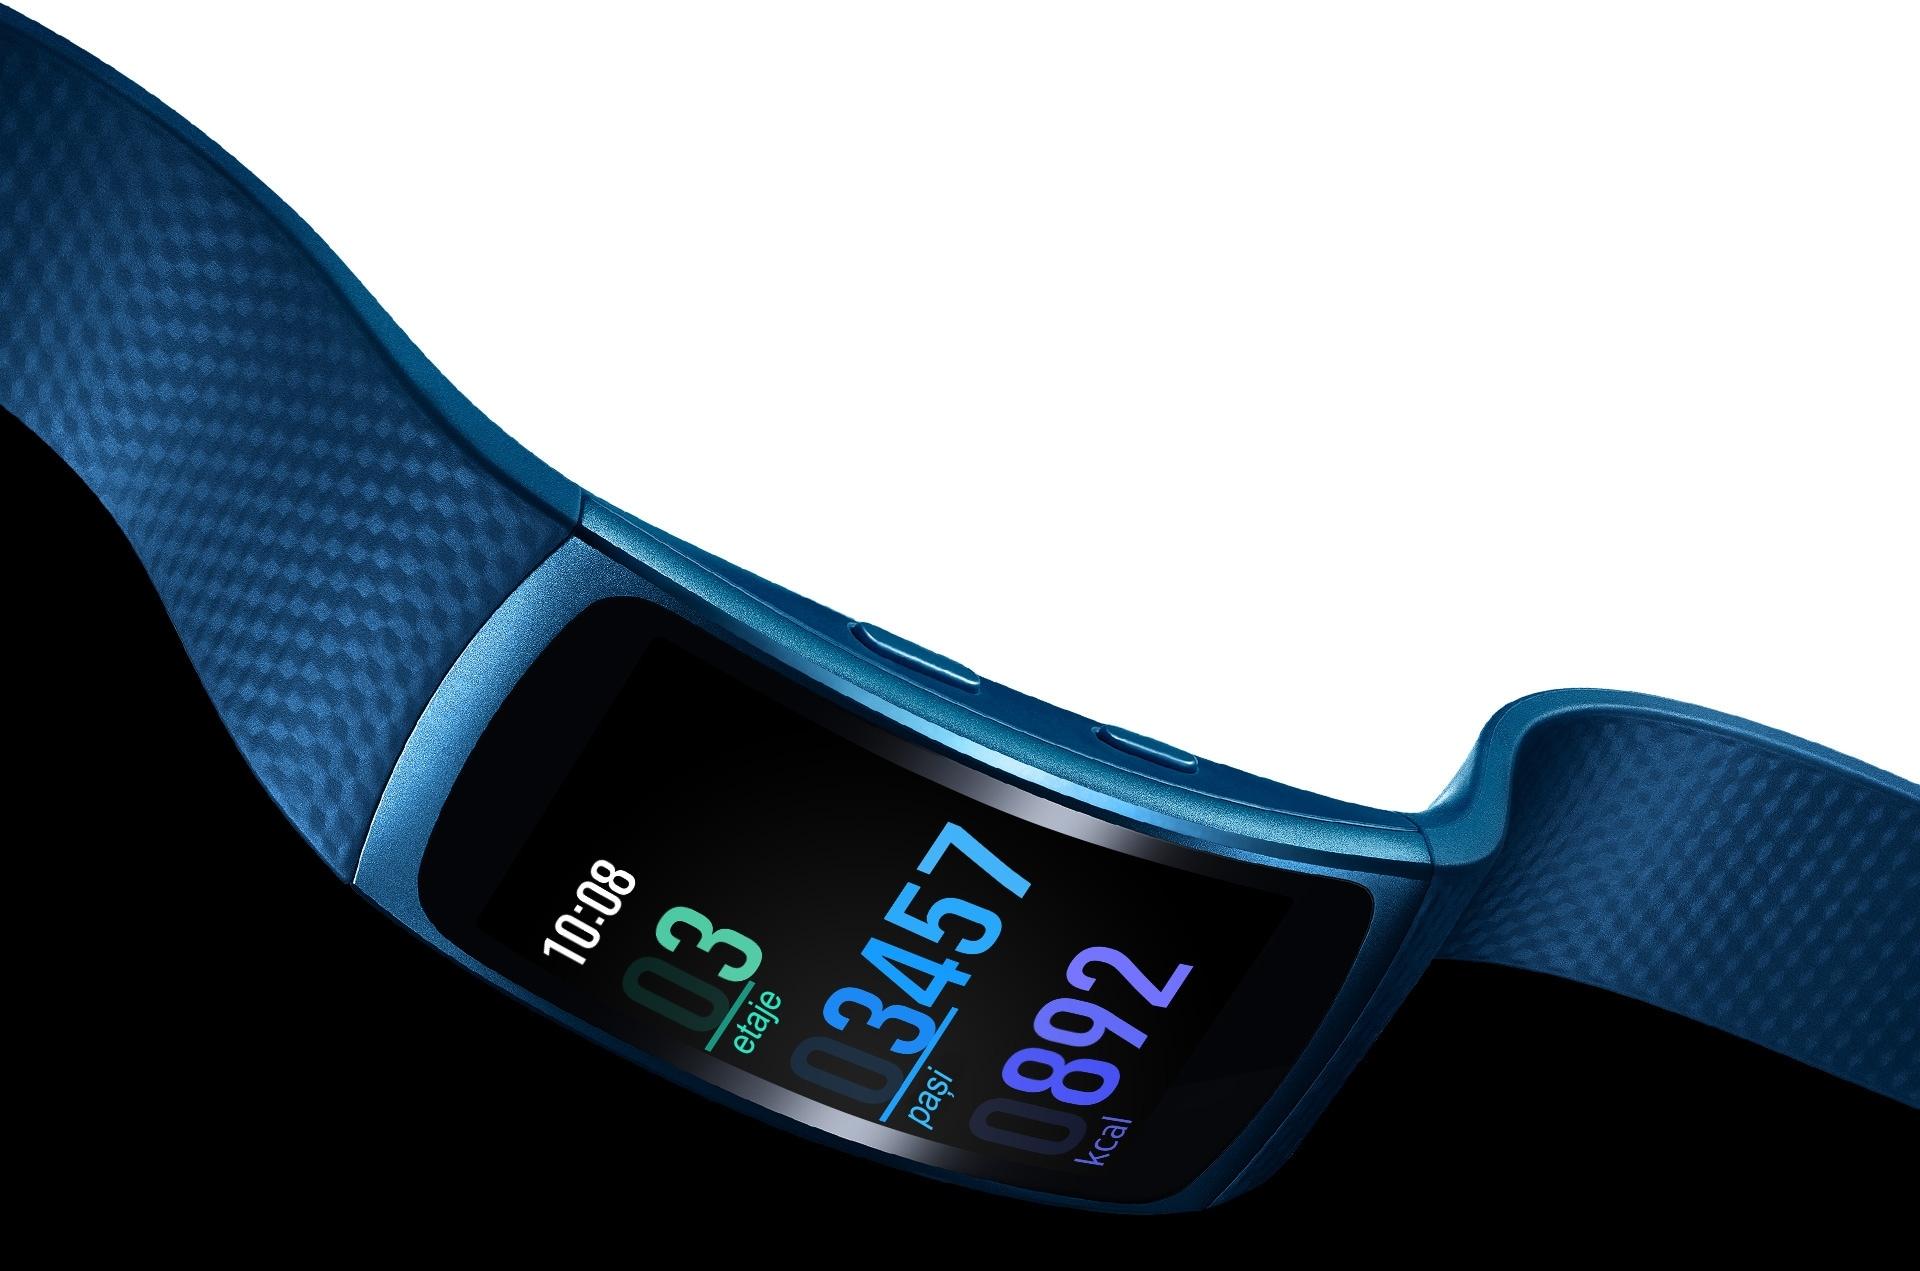 Un dispozitiv Gear Fit2 de culoare albastru, cu ecranul înclinat în jos, arătând cât de ușoară și flexibilă este brățara